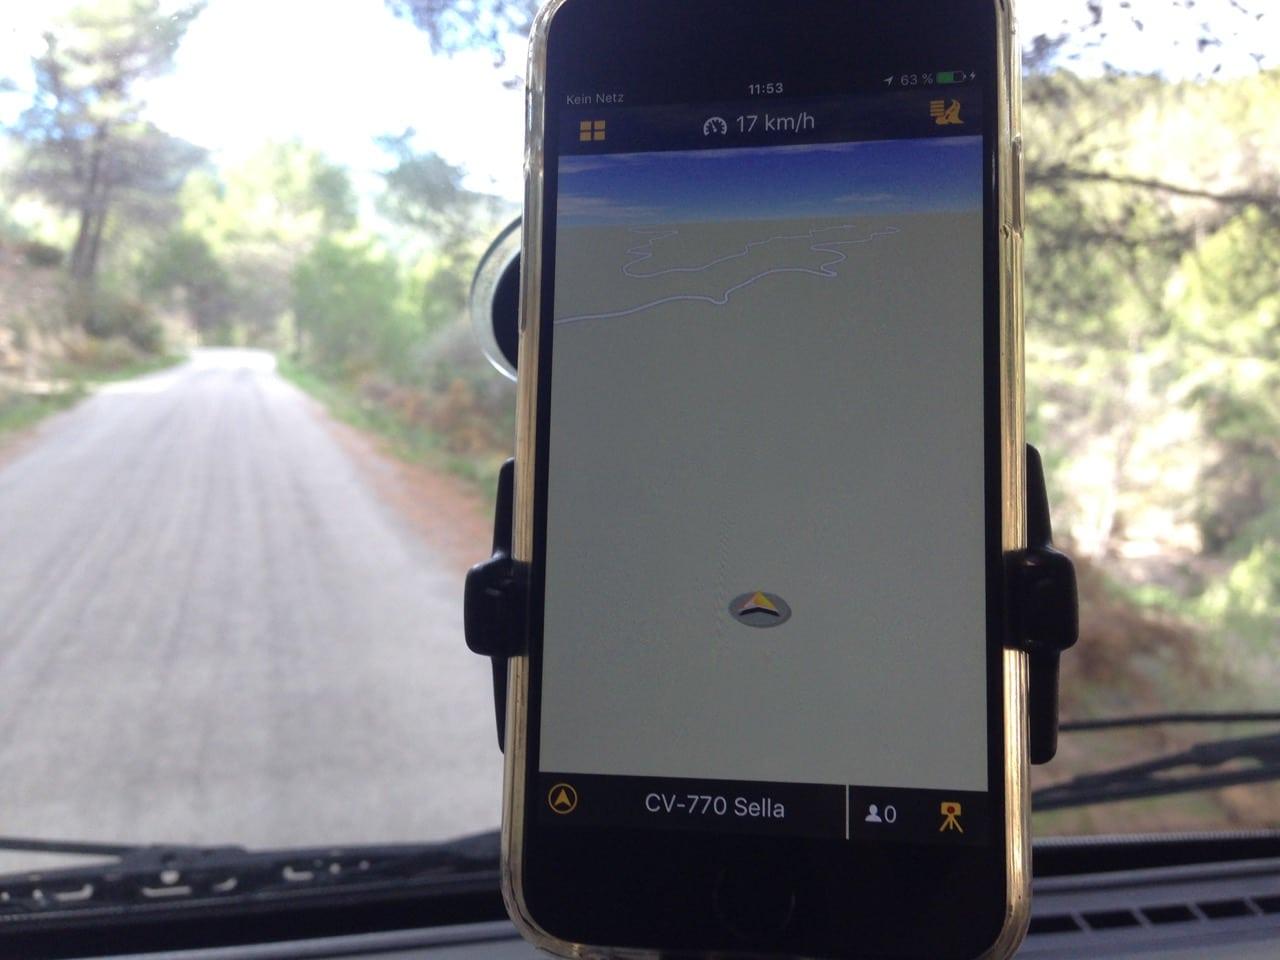 Ein Navigationsgerät mit einem Pfeil im Nirgendwo, im Hintergrund eine Straße